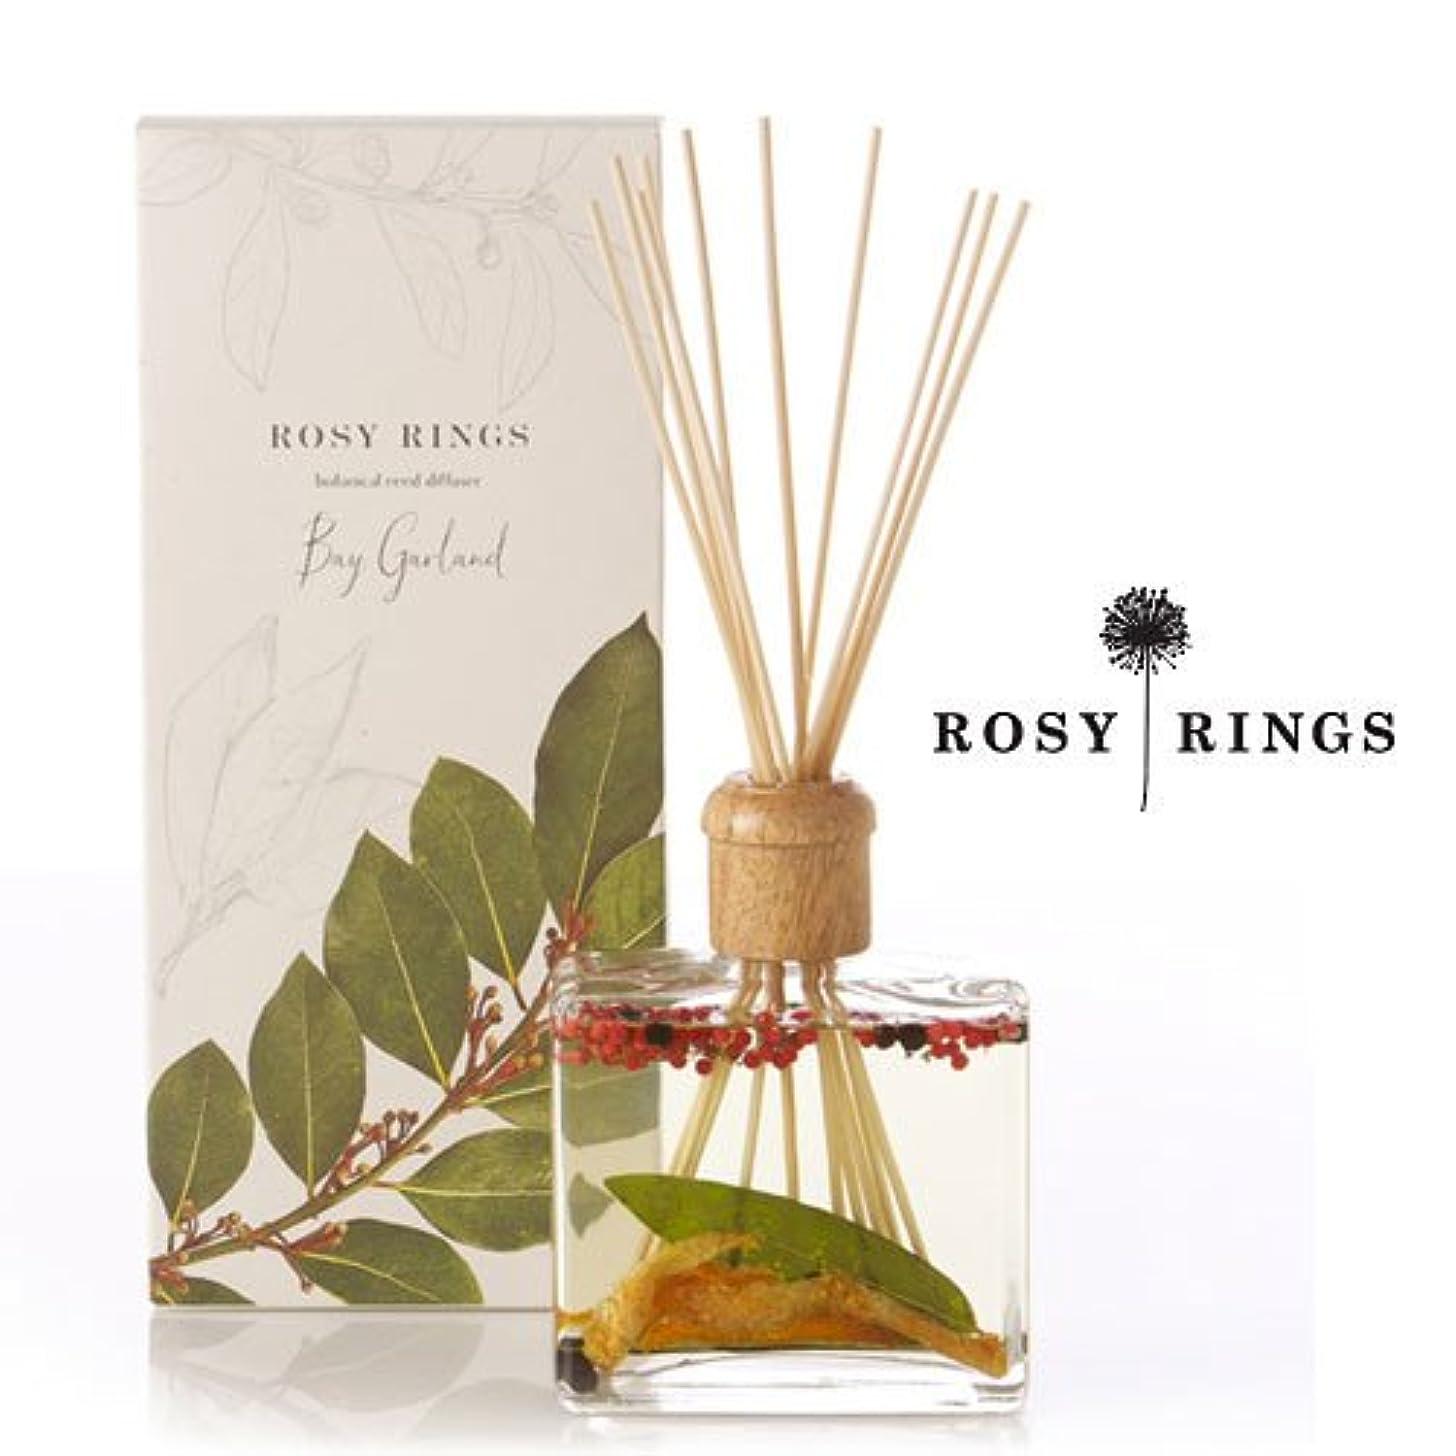 休戦当社磁器ロージーリングス ボタニカルリードディフューザード ベイガーランド ROSY RINGS Signature Collection Botanical Reed Diffuser – Bay Garland